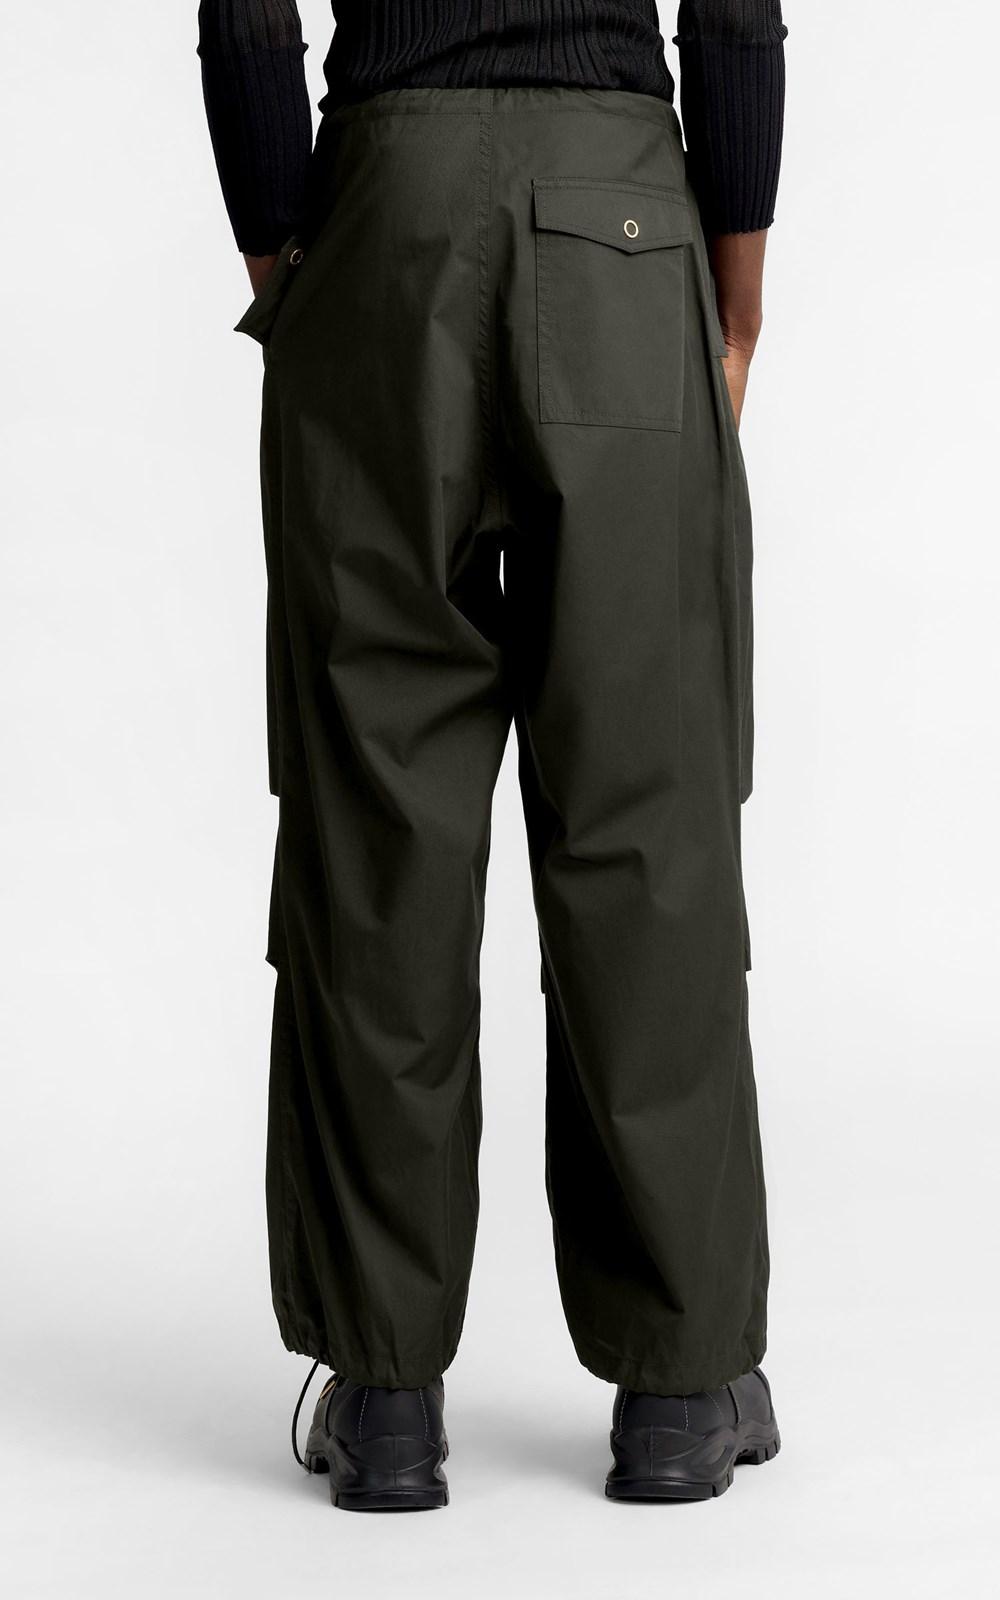 Pants | COTTON PARACHUTE PANT